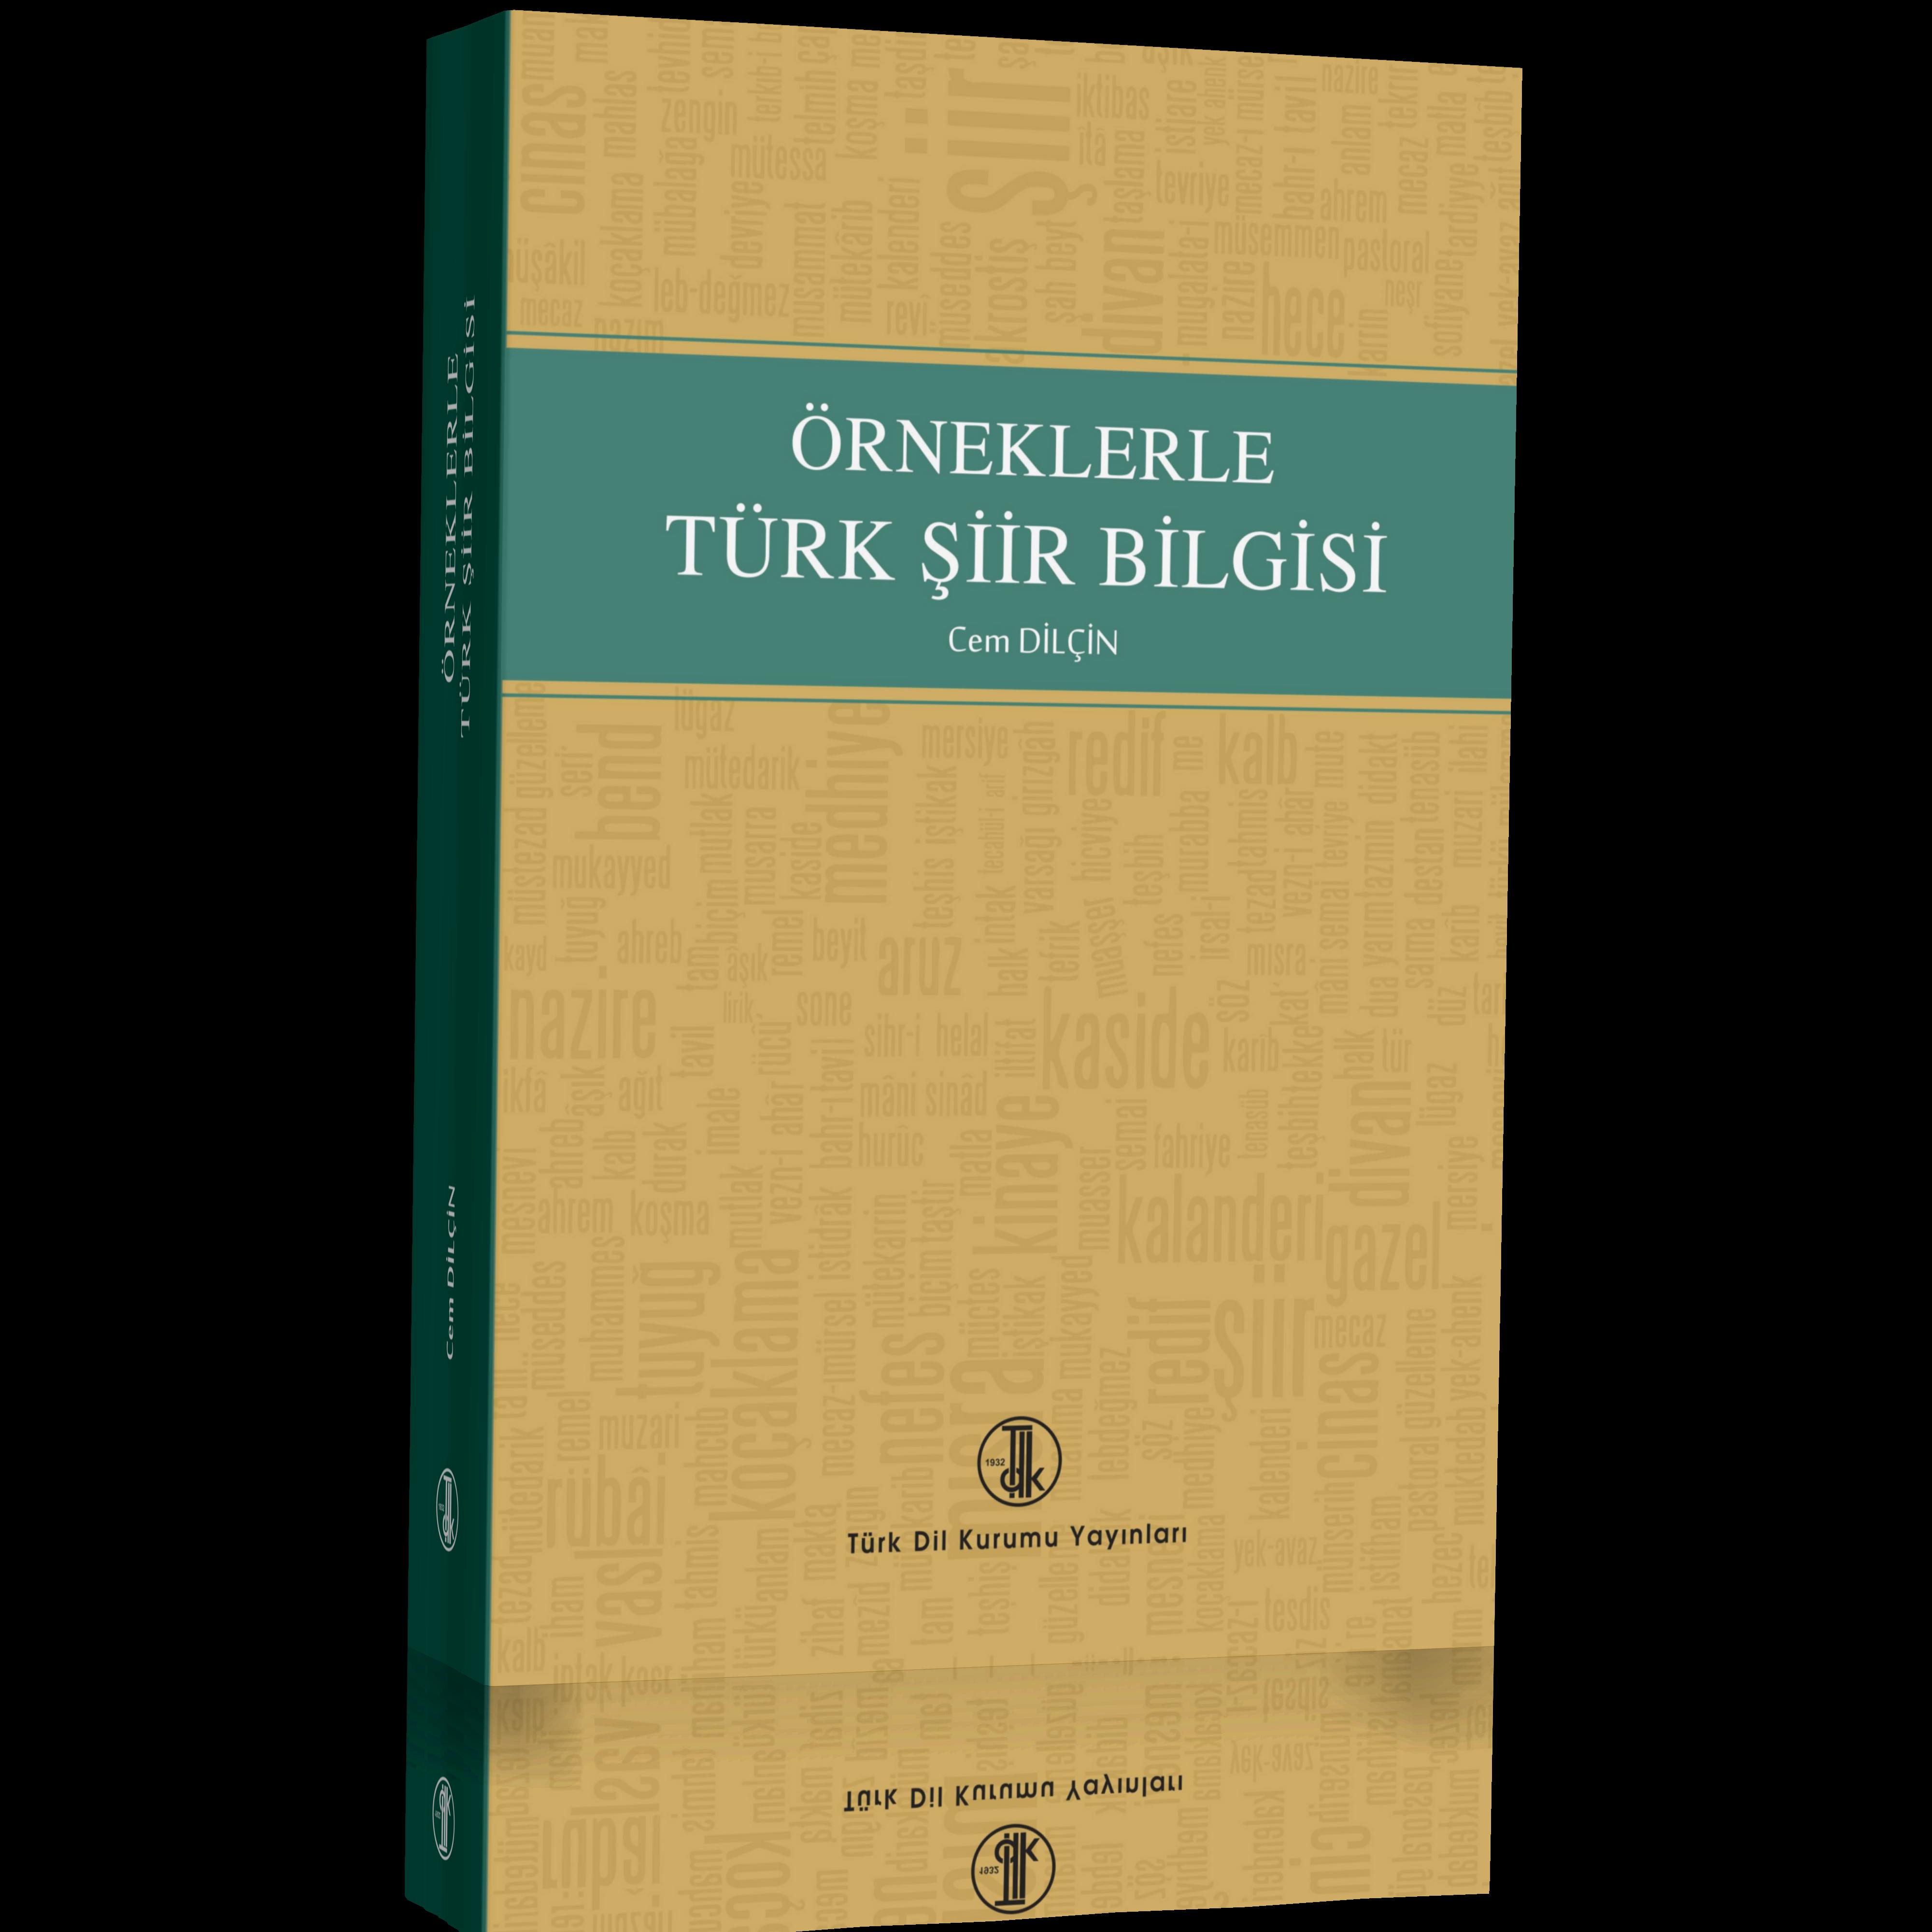 Örneklerle Türk Şiir Bilgisi, 2019